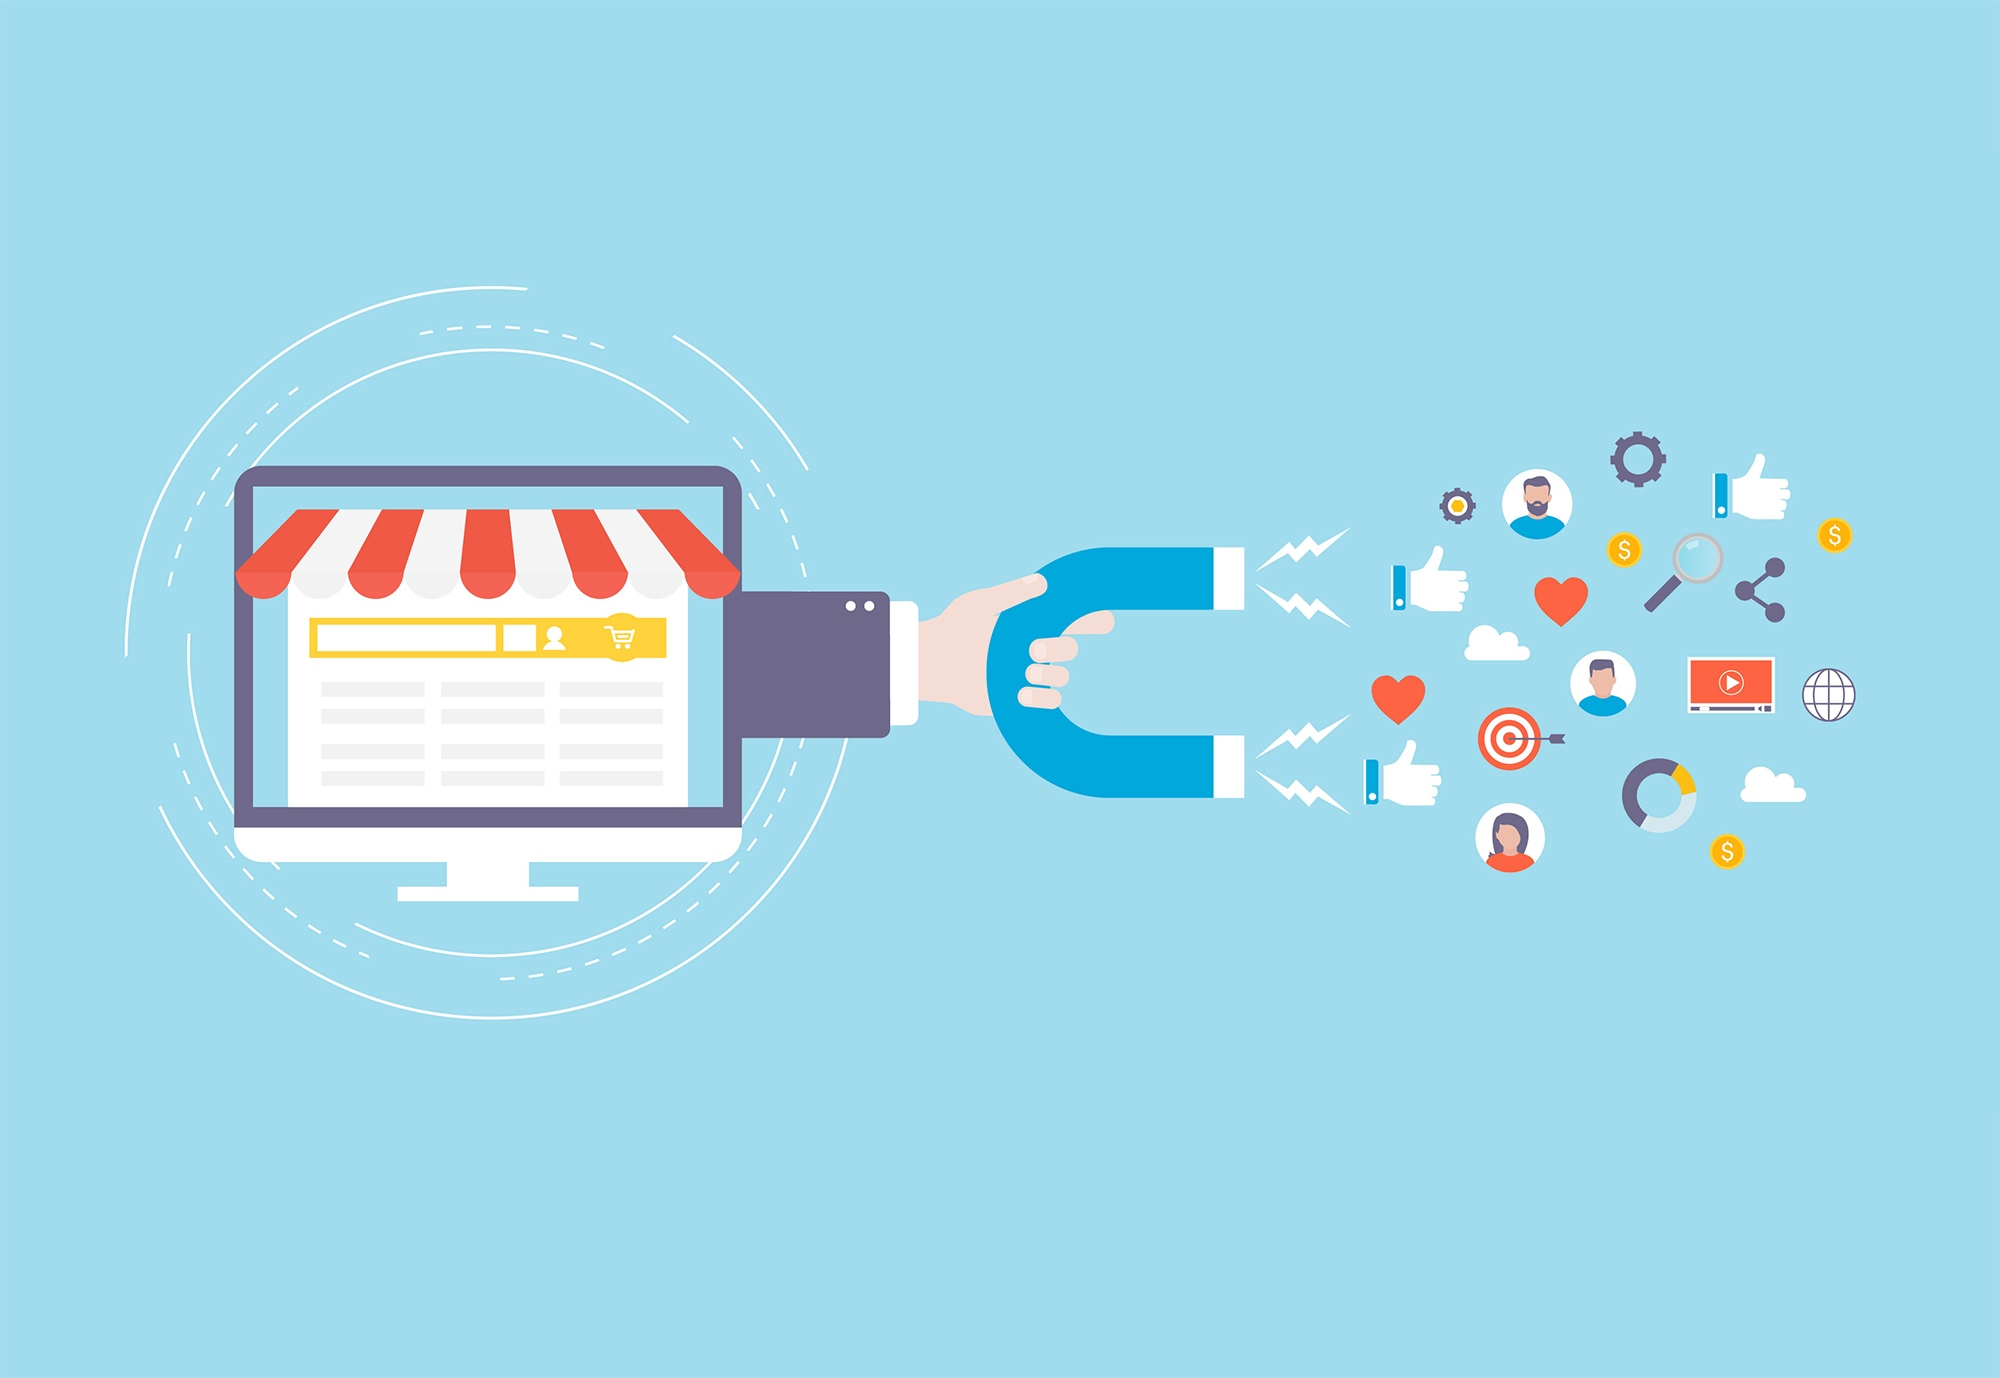 بازاریابی جاذبه ای چیست و چه مزایایی دارد؟